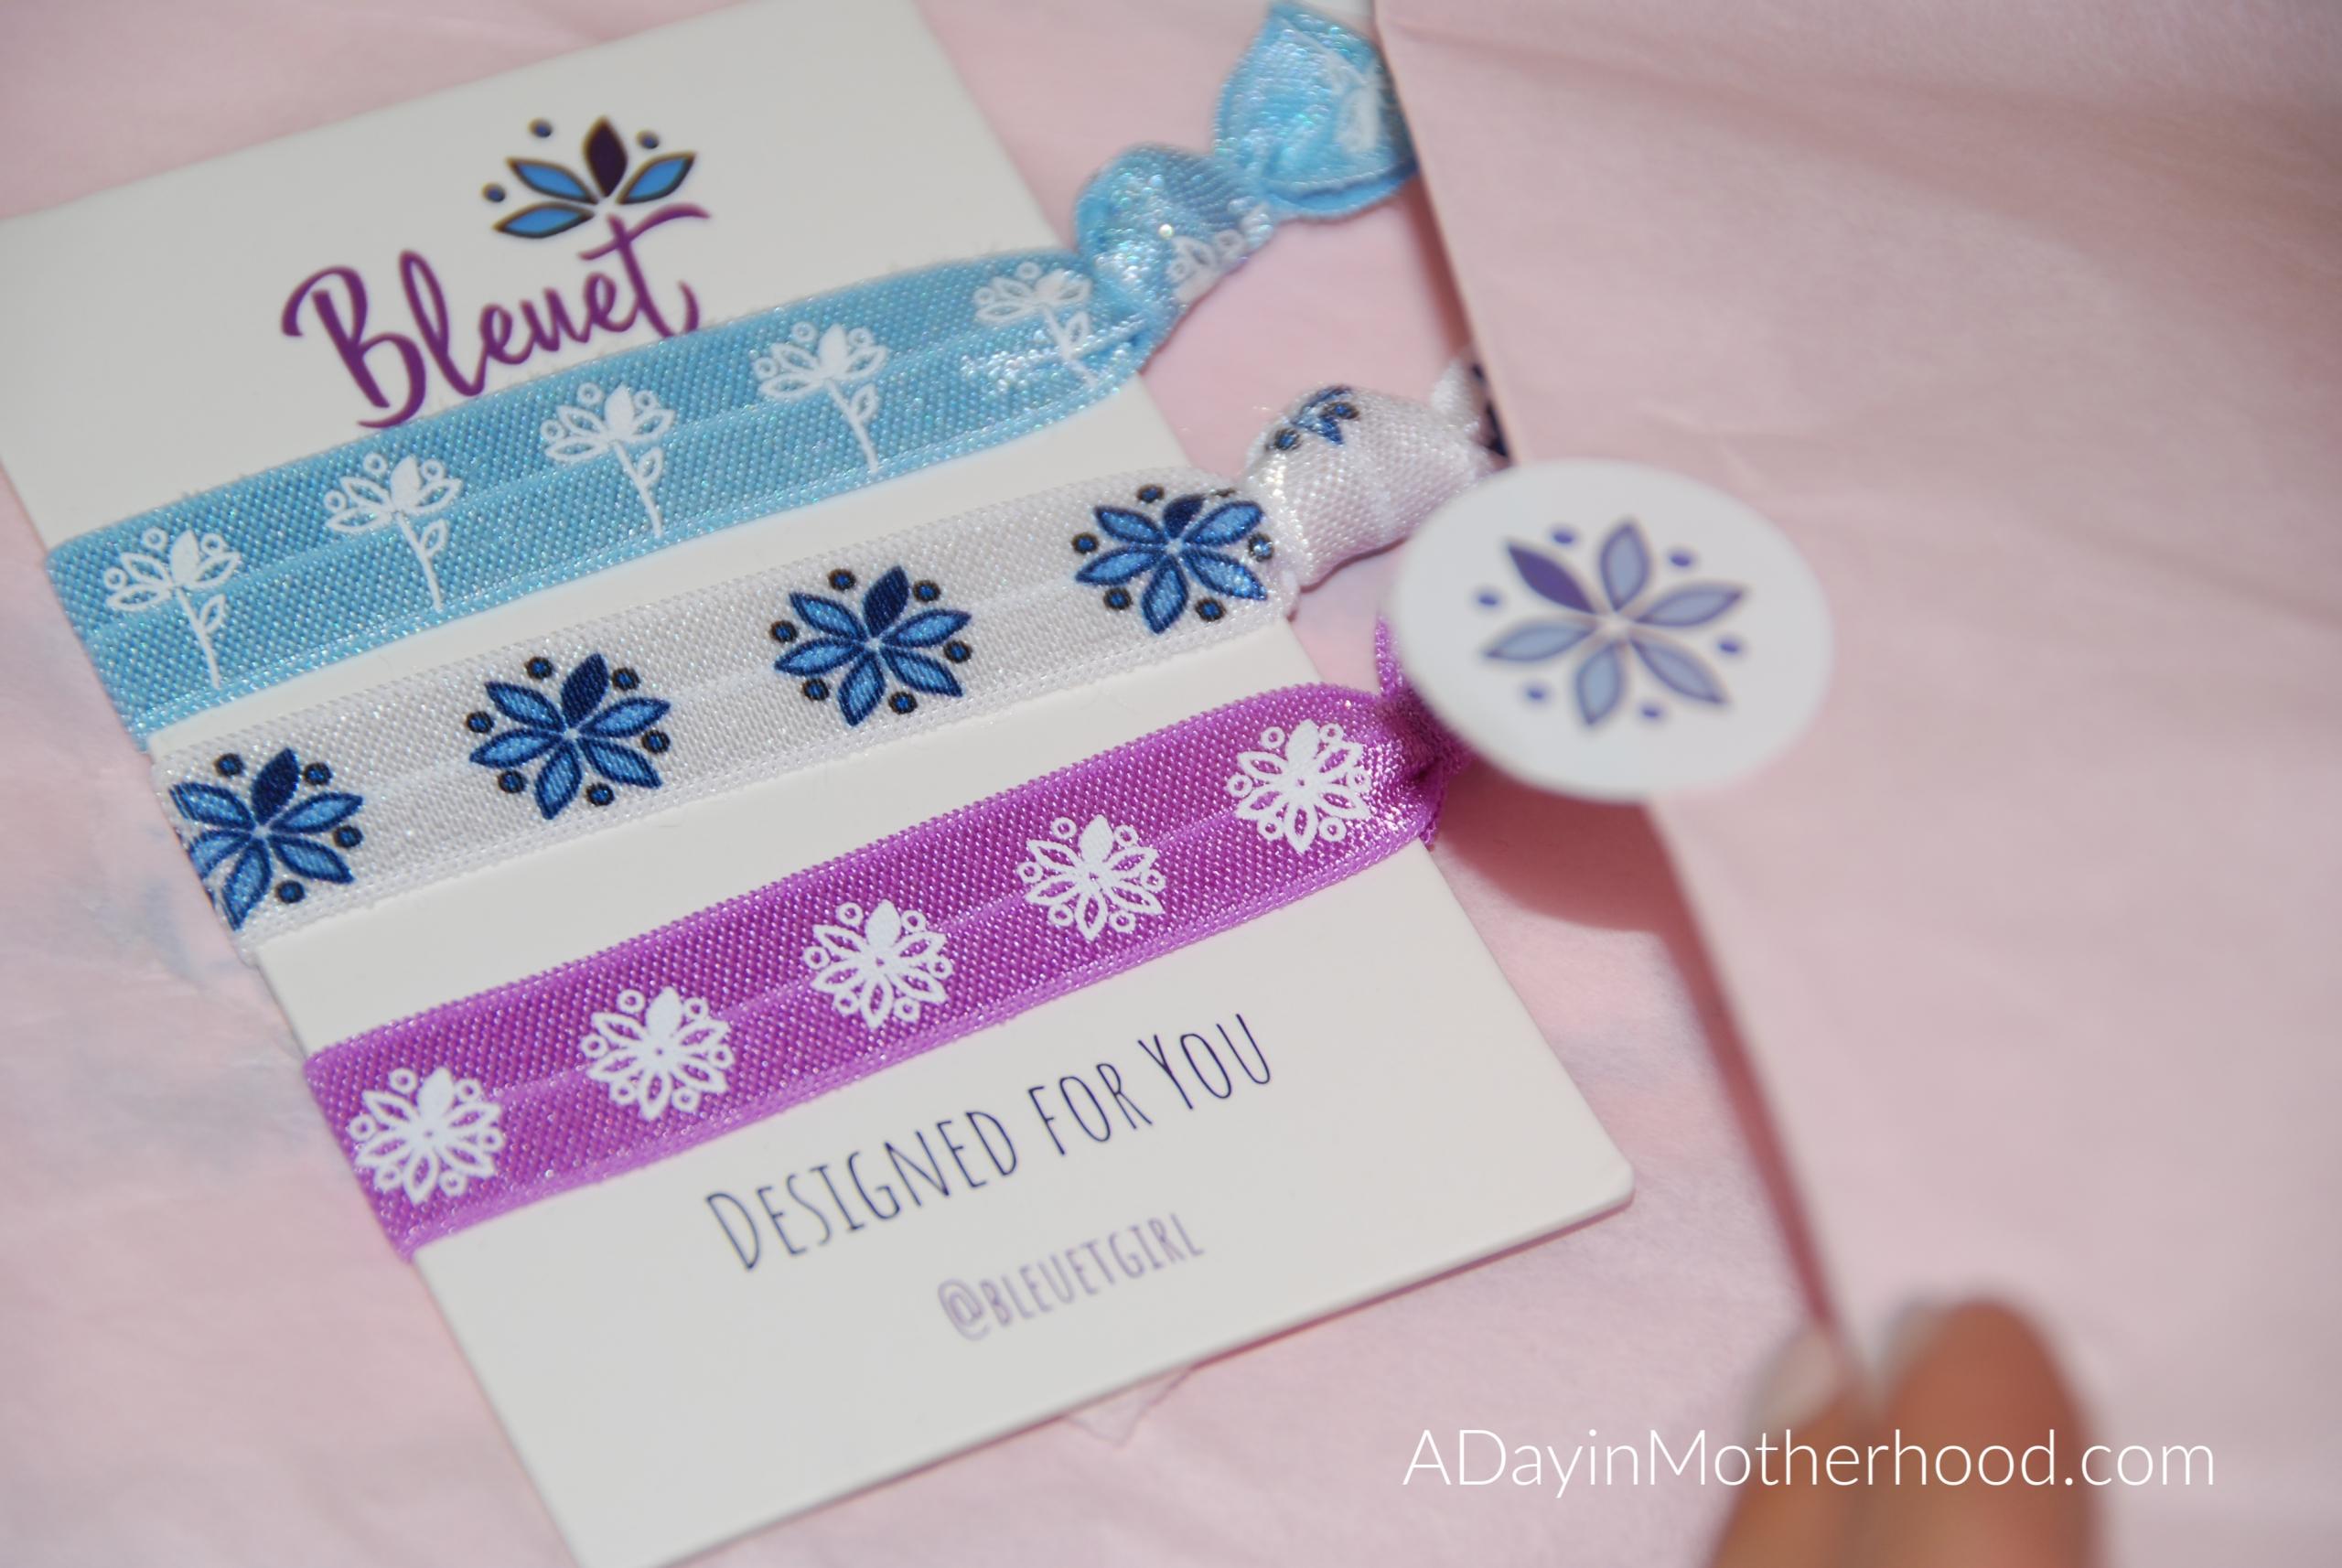 Bleuet-A Better Bra for Tweens and Teens-photo of packaging on ADayinMotherhood.com